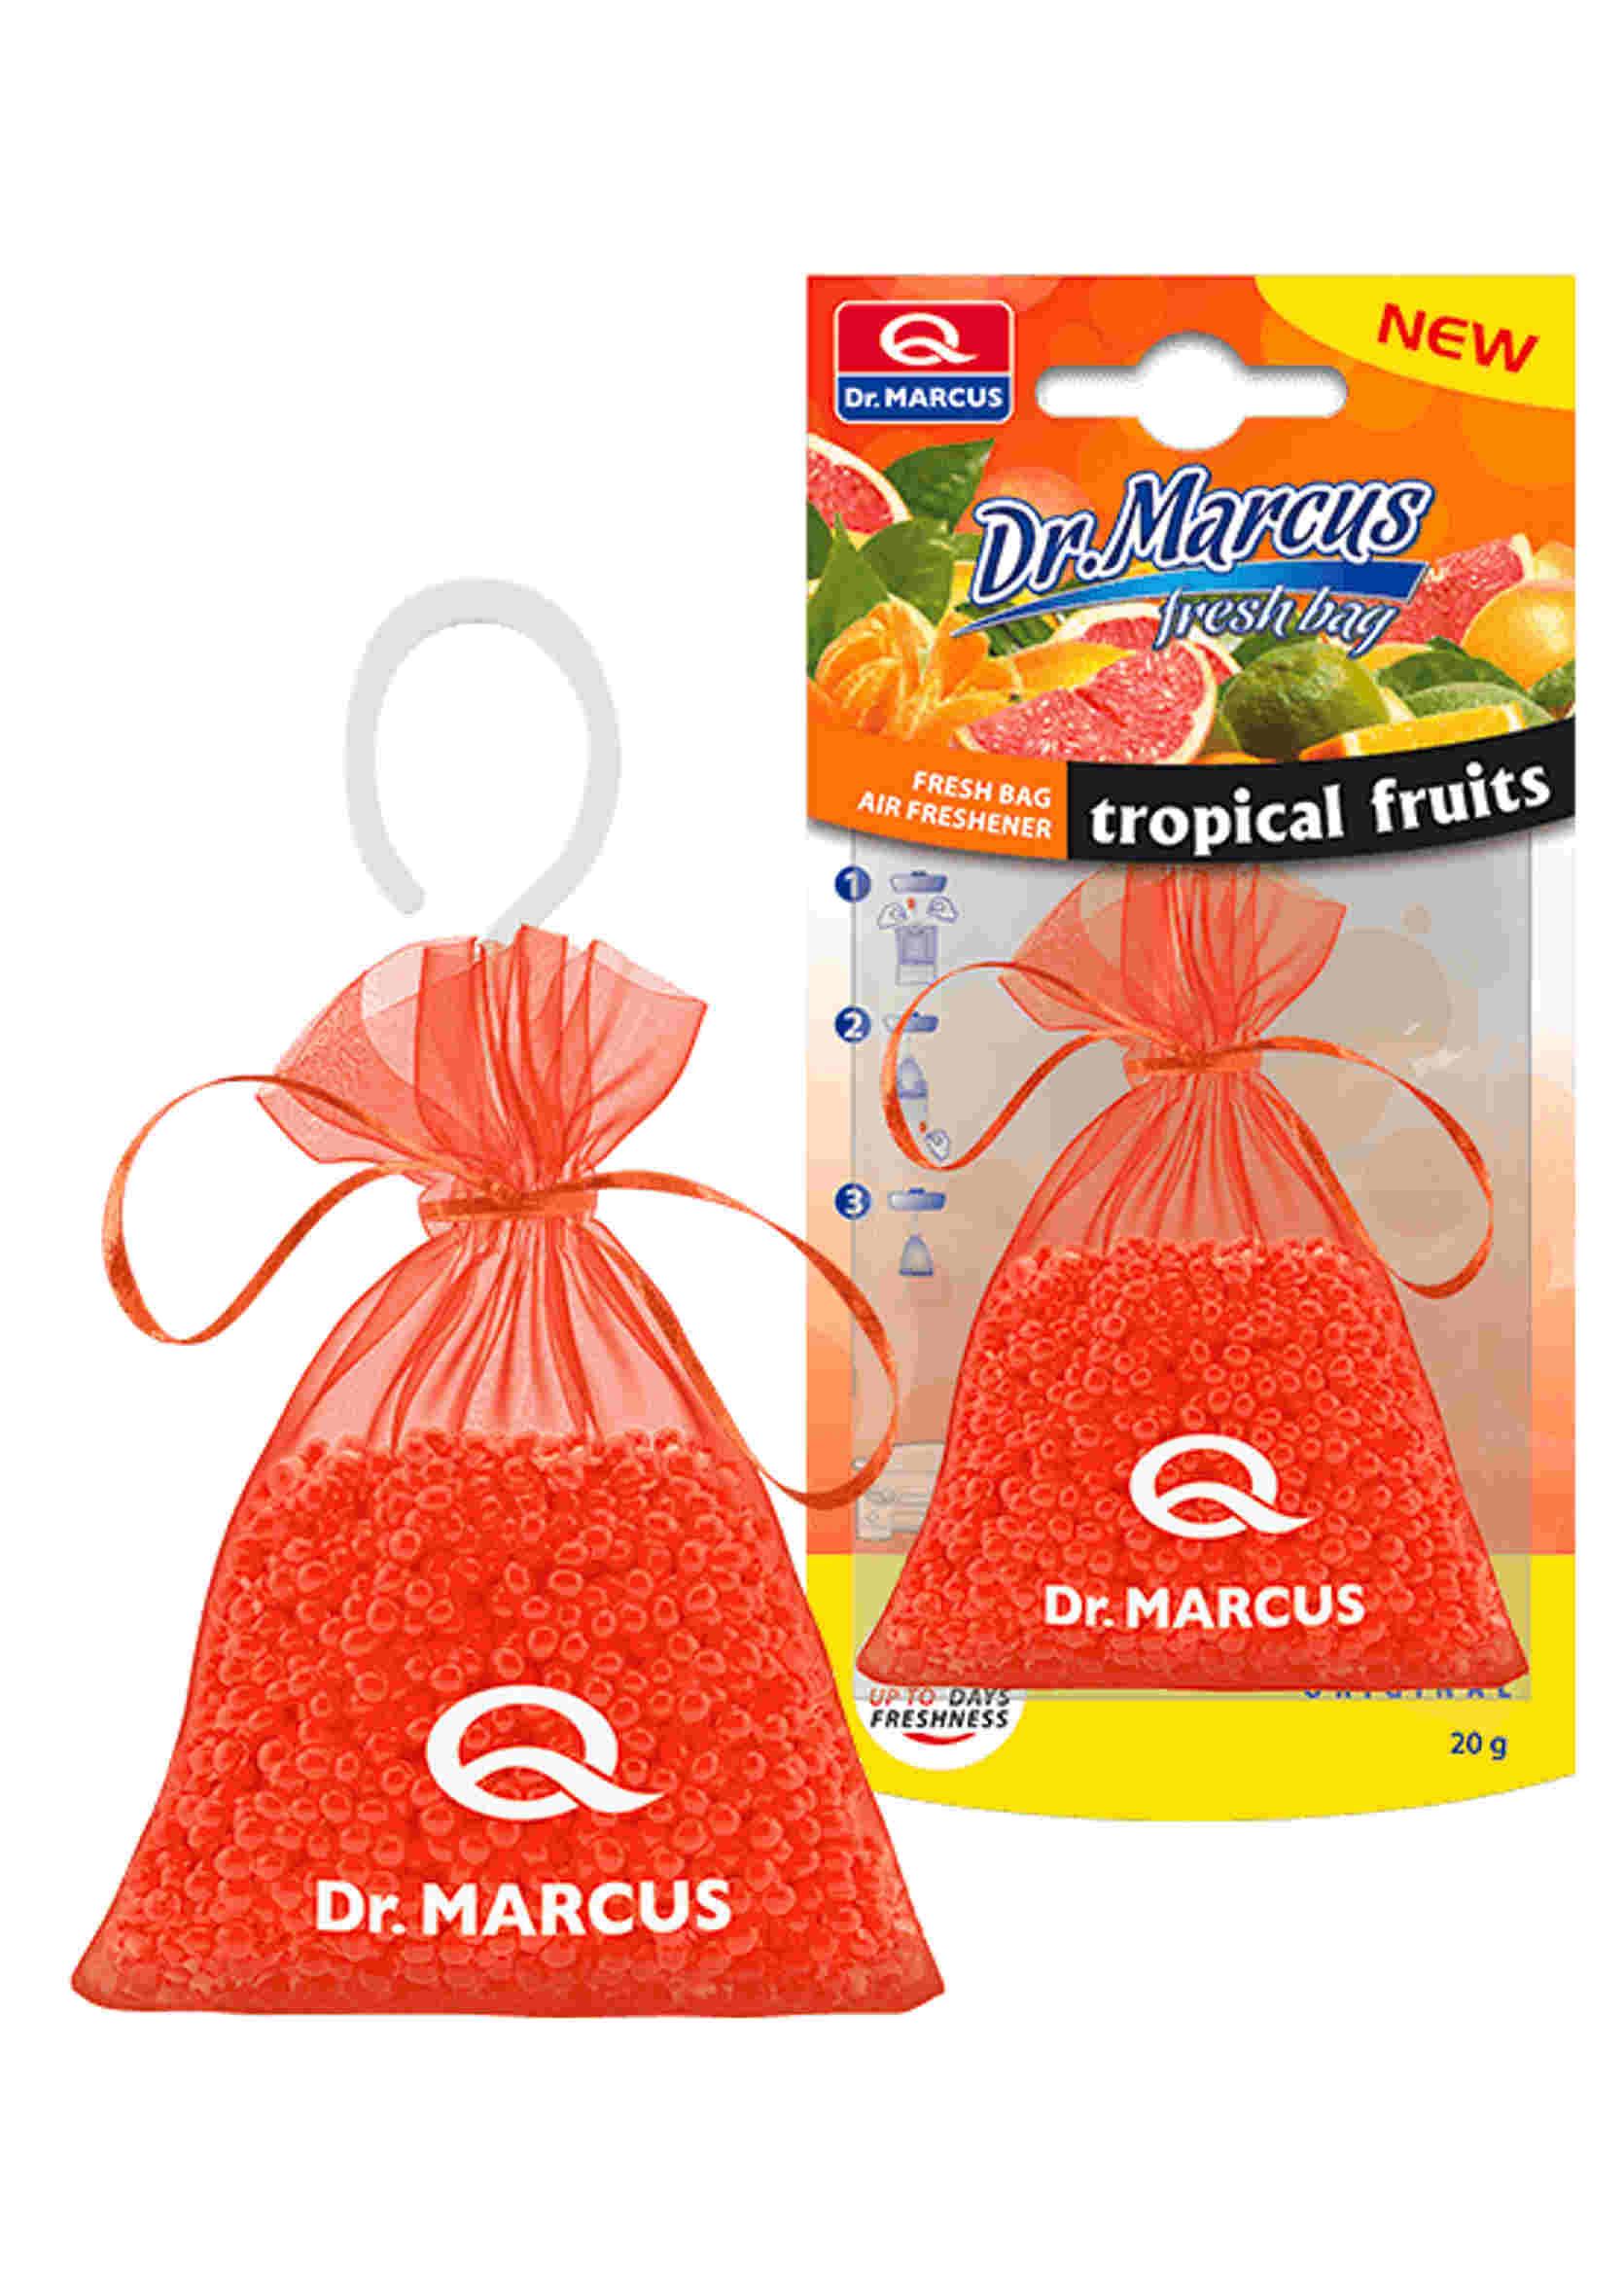 Dr. Marcus Fresh Bag Tropical Fruits 20g Woreczek Zapachowy Owoce Tropikalne